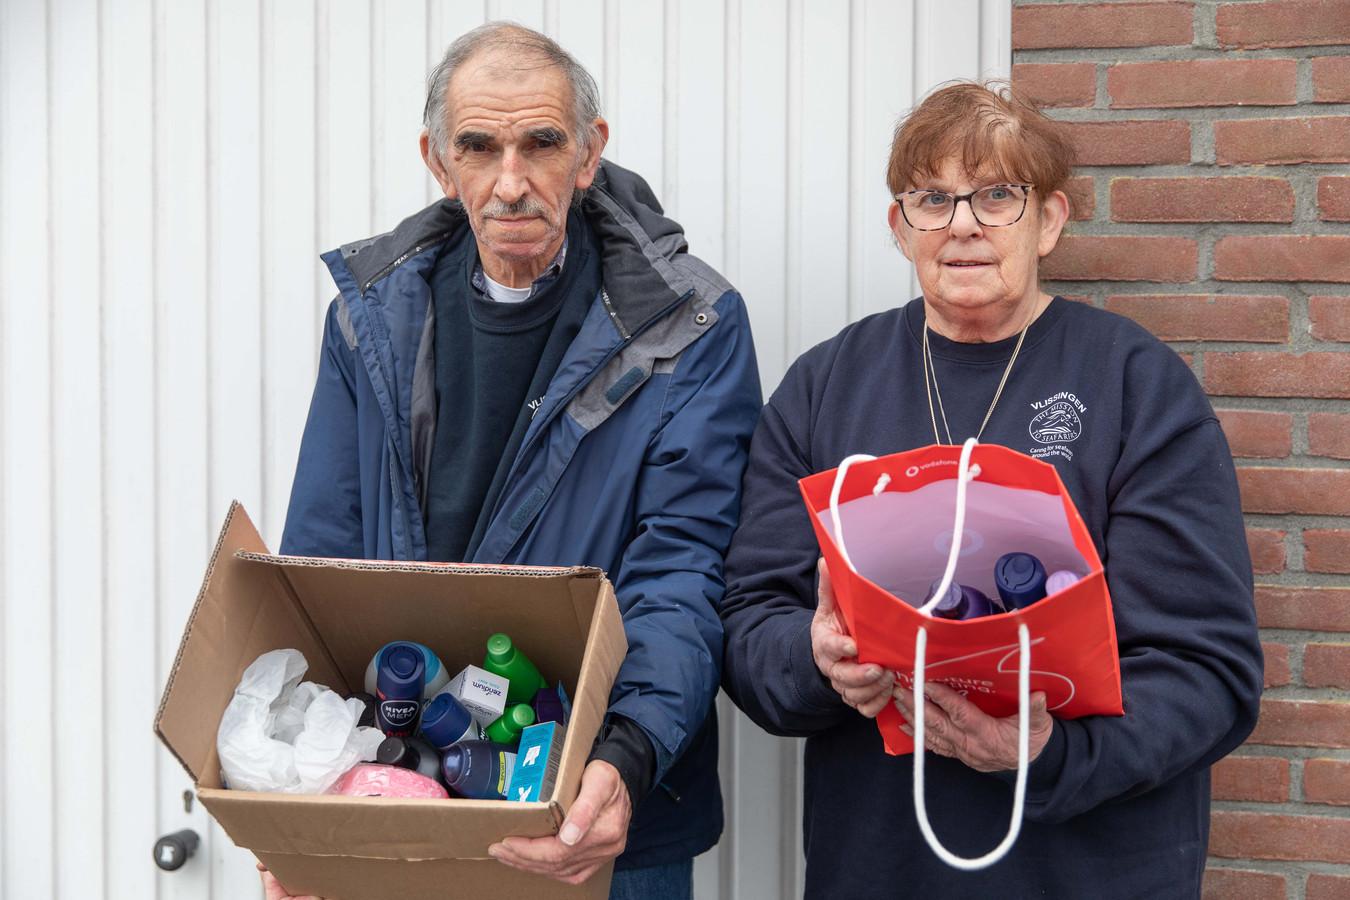 Piet en Bernadette de Smit hebben al wat spullen gekregen, maar hopen op nog veel meer.